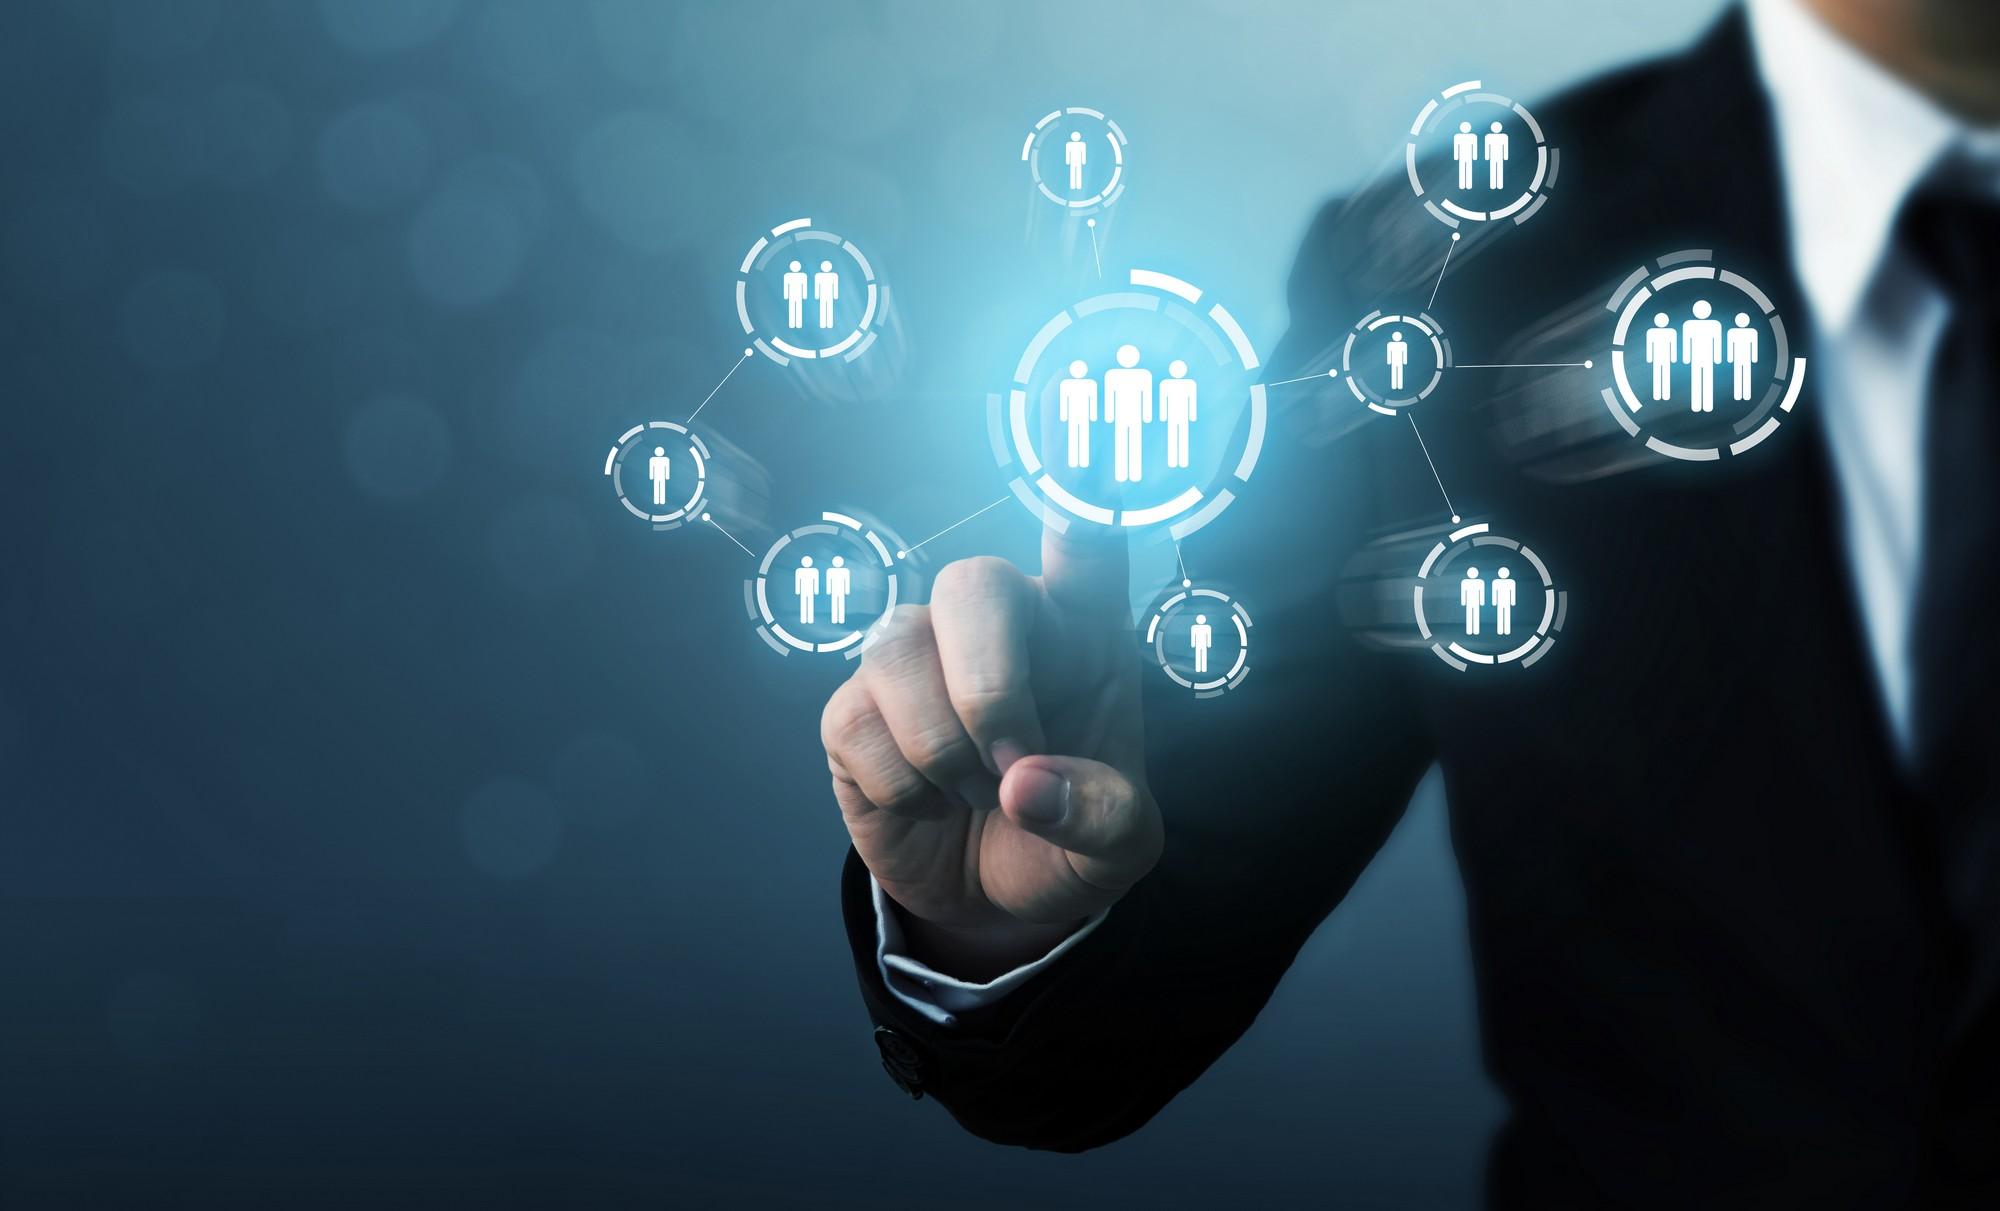 人力管理,人力資源系統,人力分配,人事管理,人力成本控管